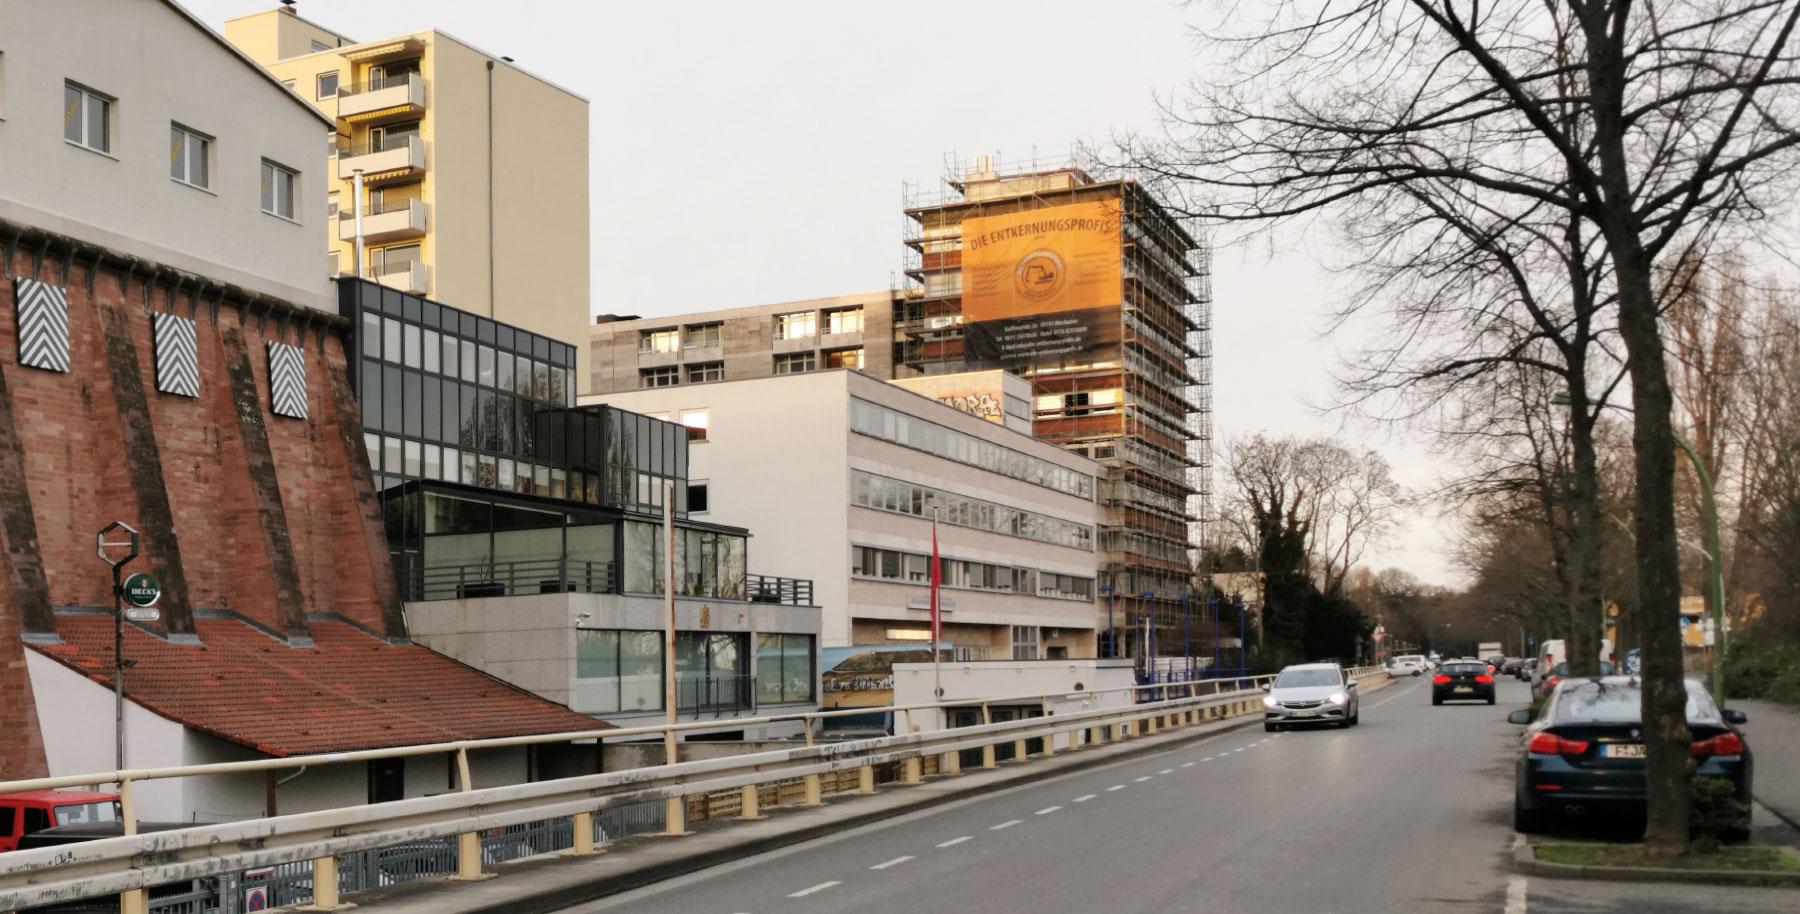 Ostparkstraße 45 Frankfurt am Main - Wohnturm Ostend - Karl Dudler Architekten